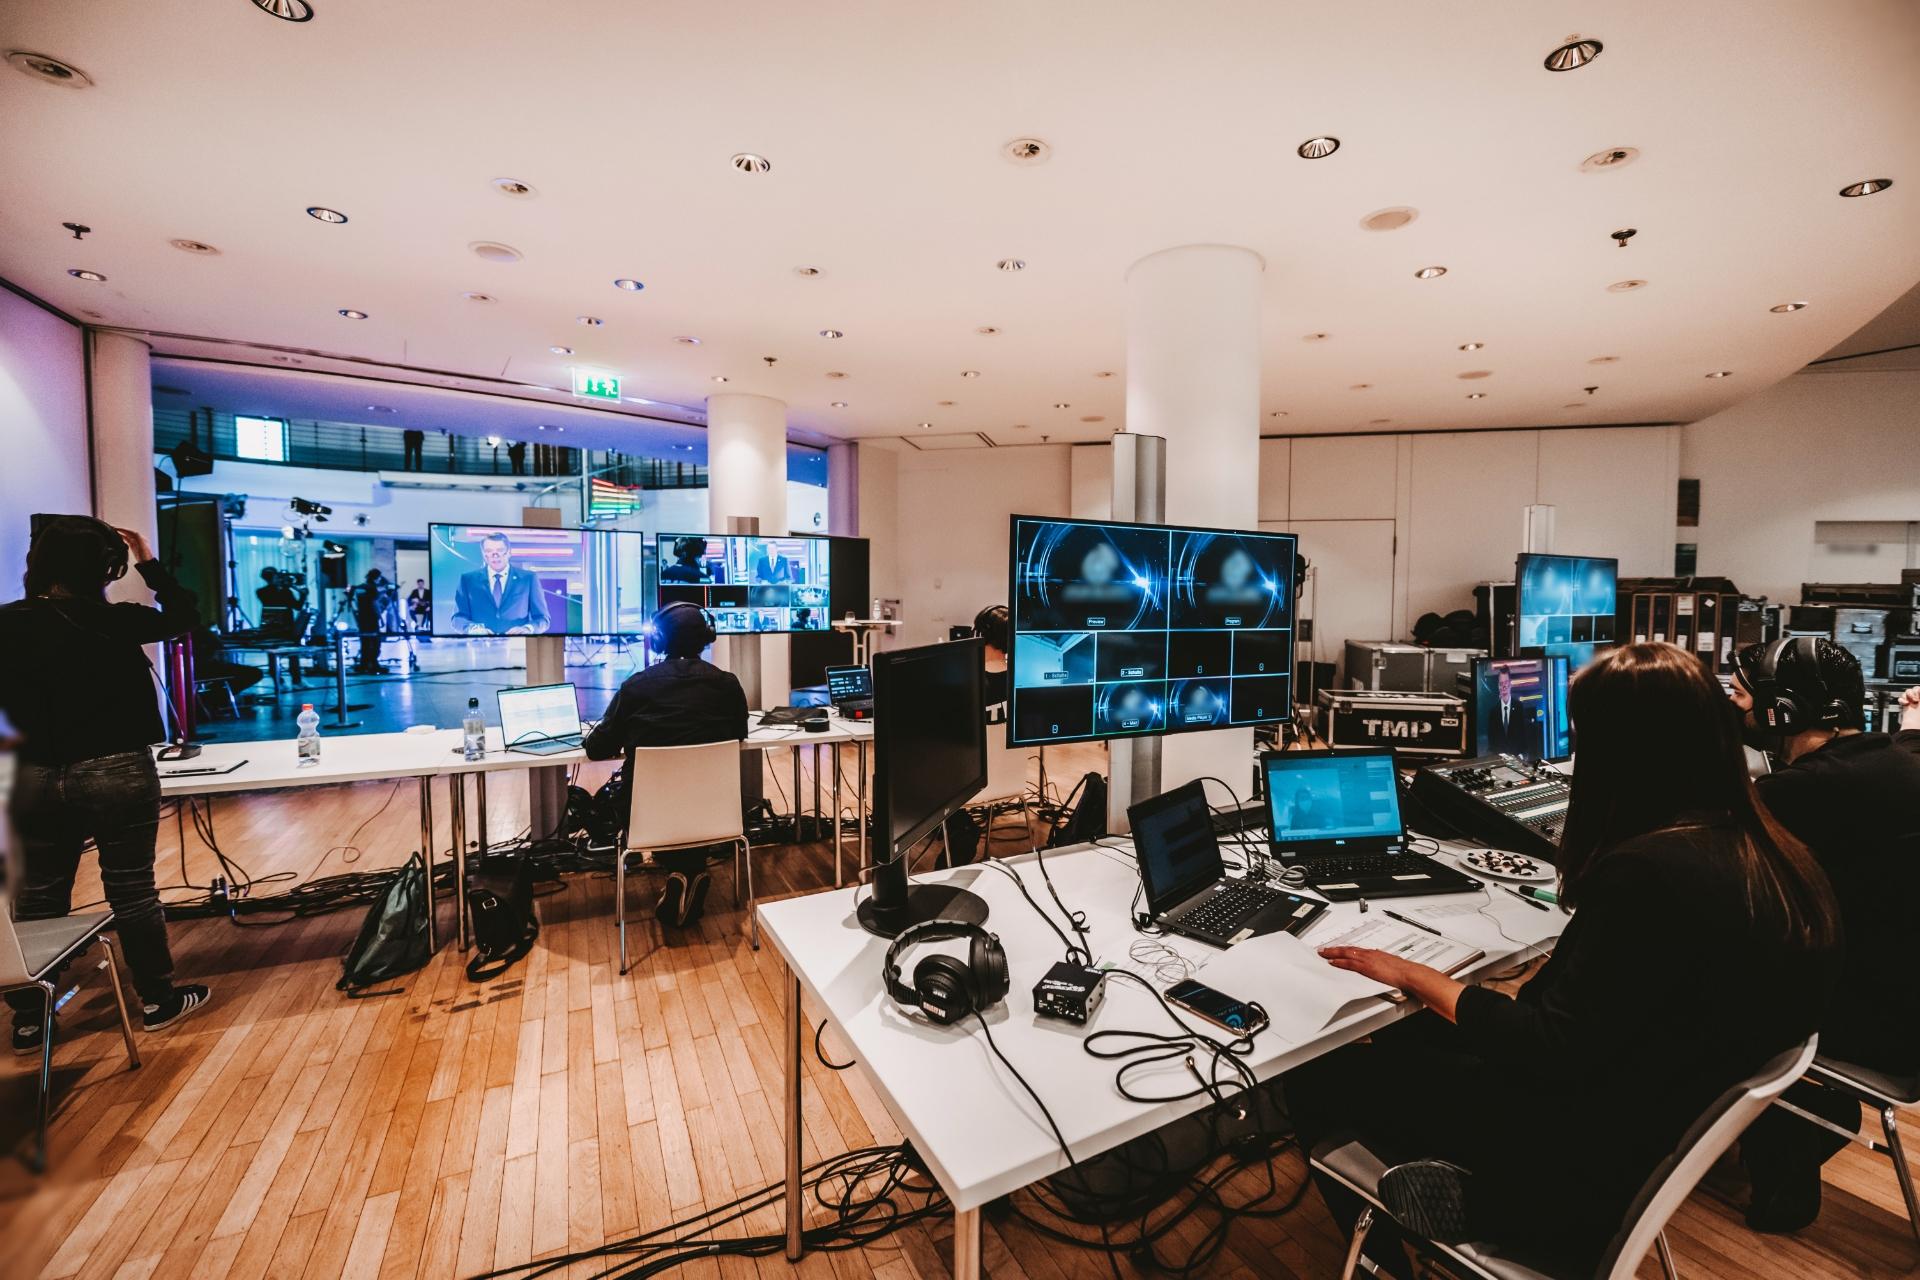 TMP_Veranstaltungstechnik_Corporate_Digitalevent_Regie_Livestream_Braunschweig